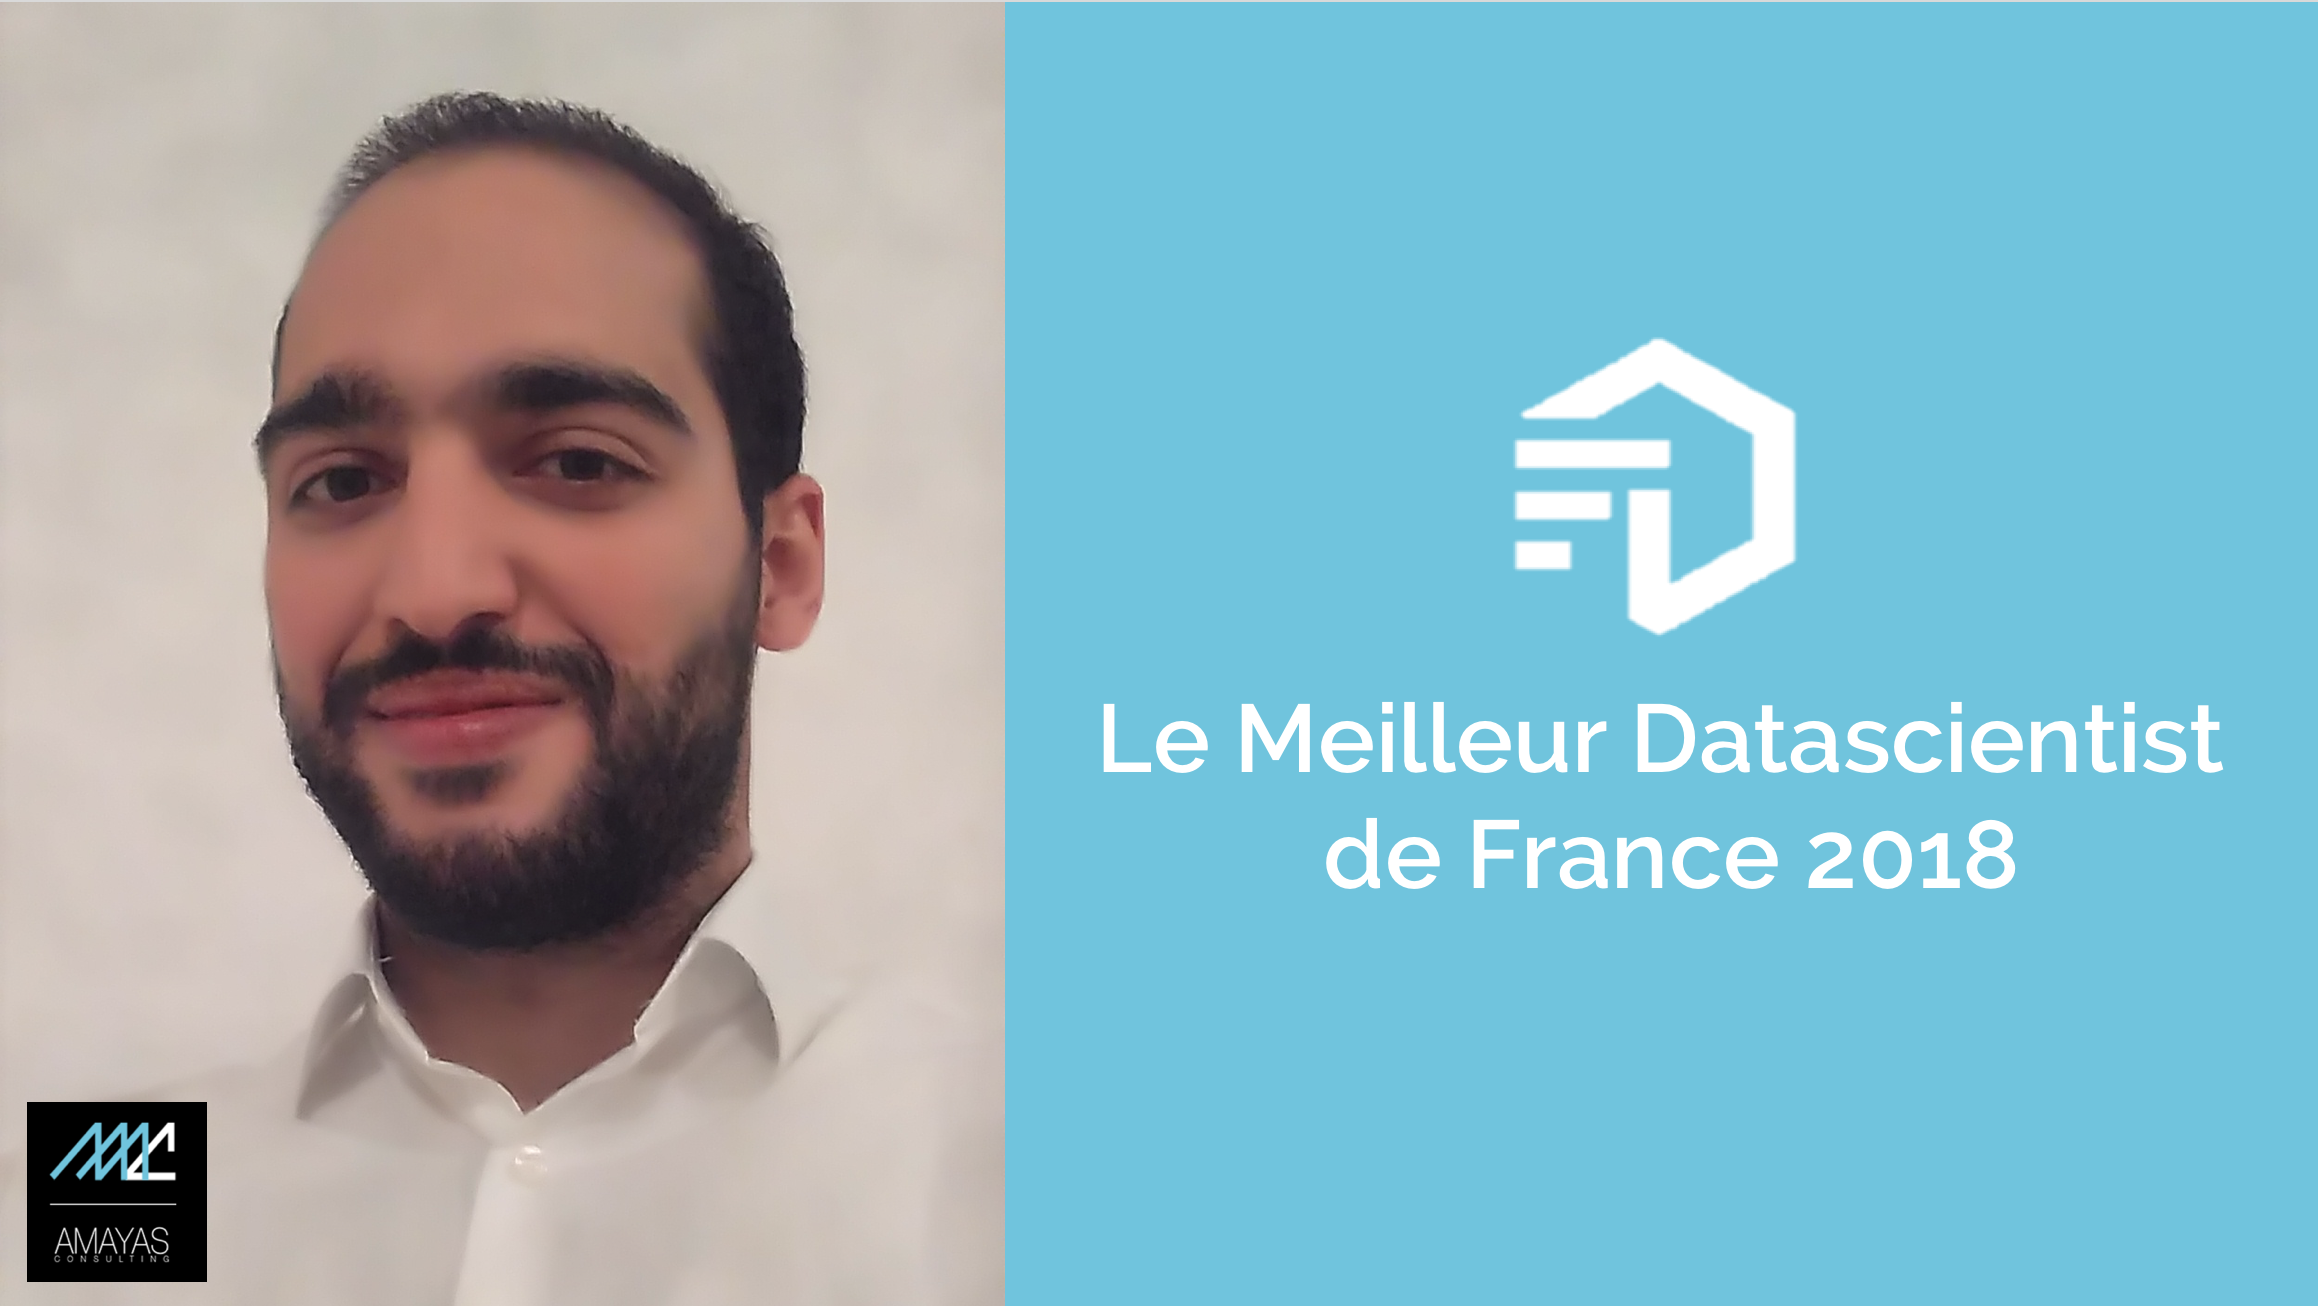 Entretien avec Sami ASSILI, consultant AMAYAS Consulting, qui entre dans le top 10% du challenge des Meilleurs Datascientists de France